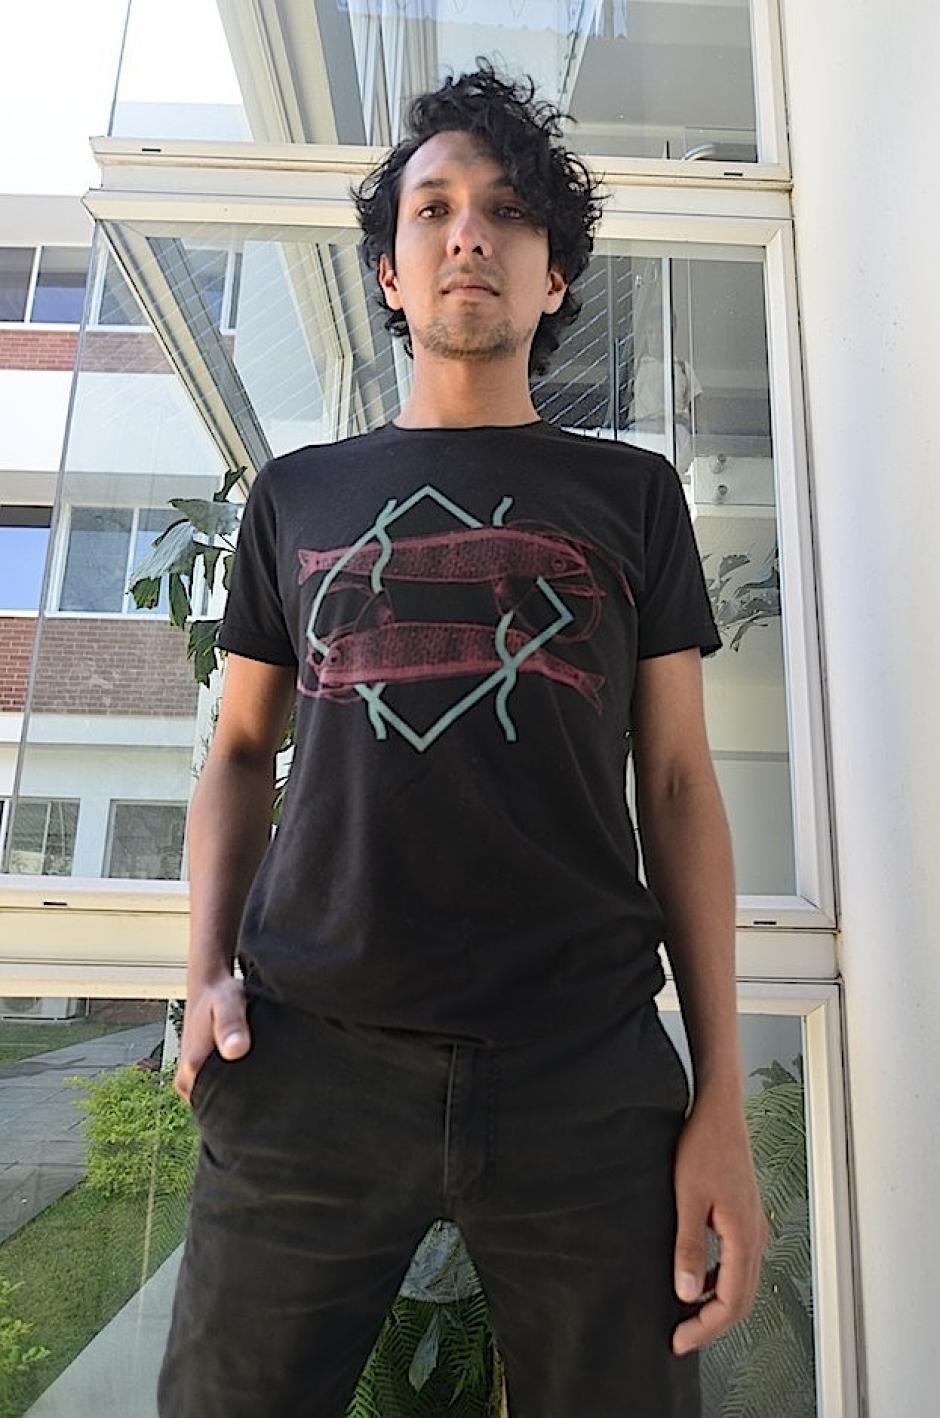 David Chinchilla pone su estilo en la batería. (Foto: Selene Mejía/Soy502)